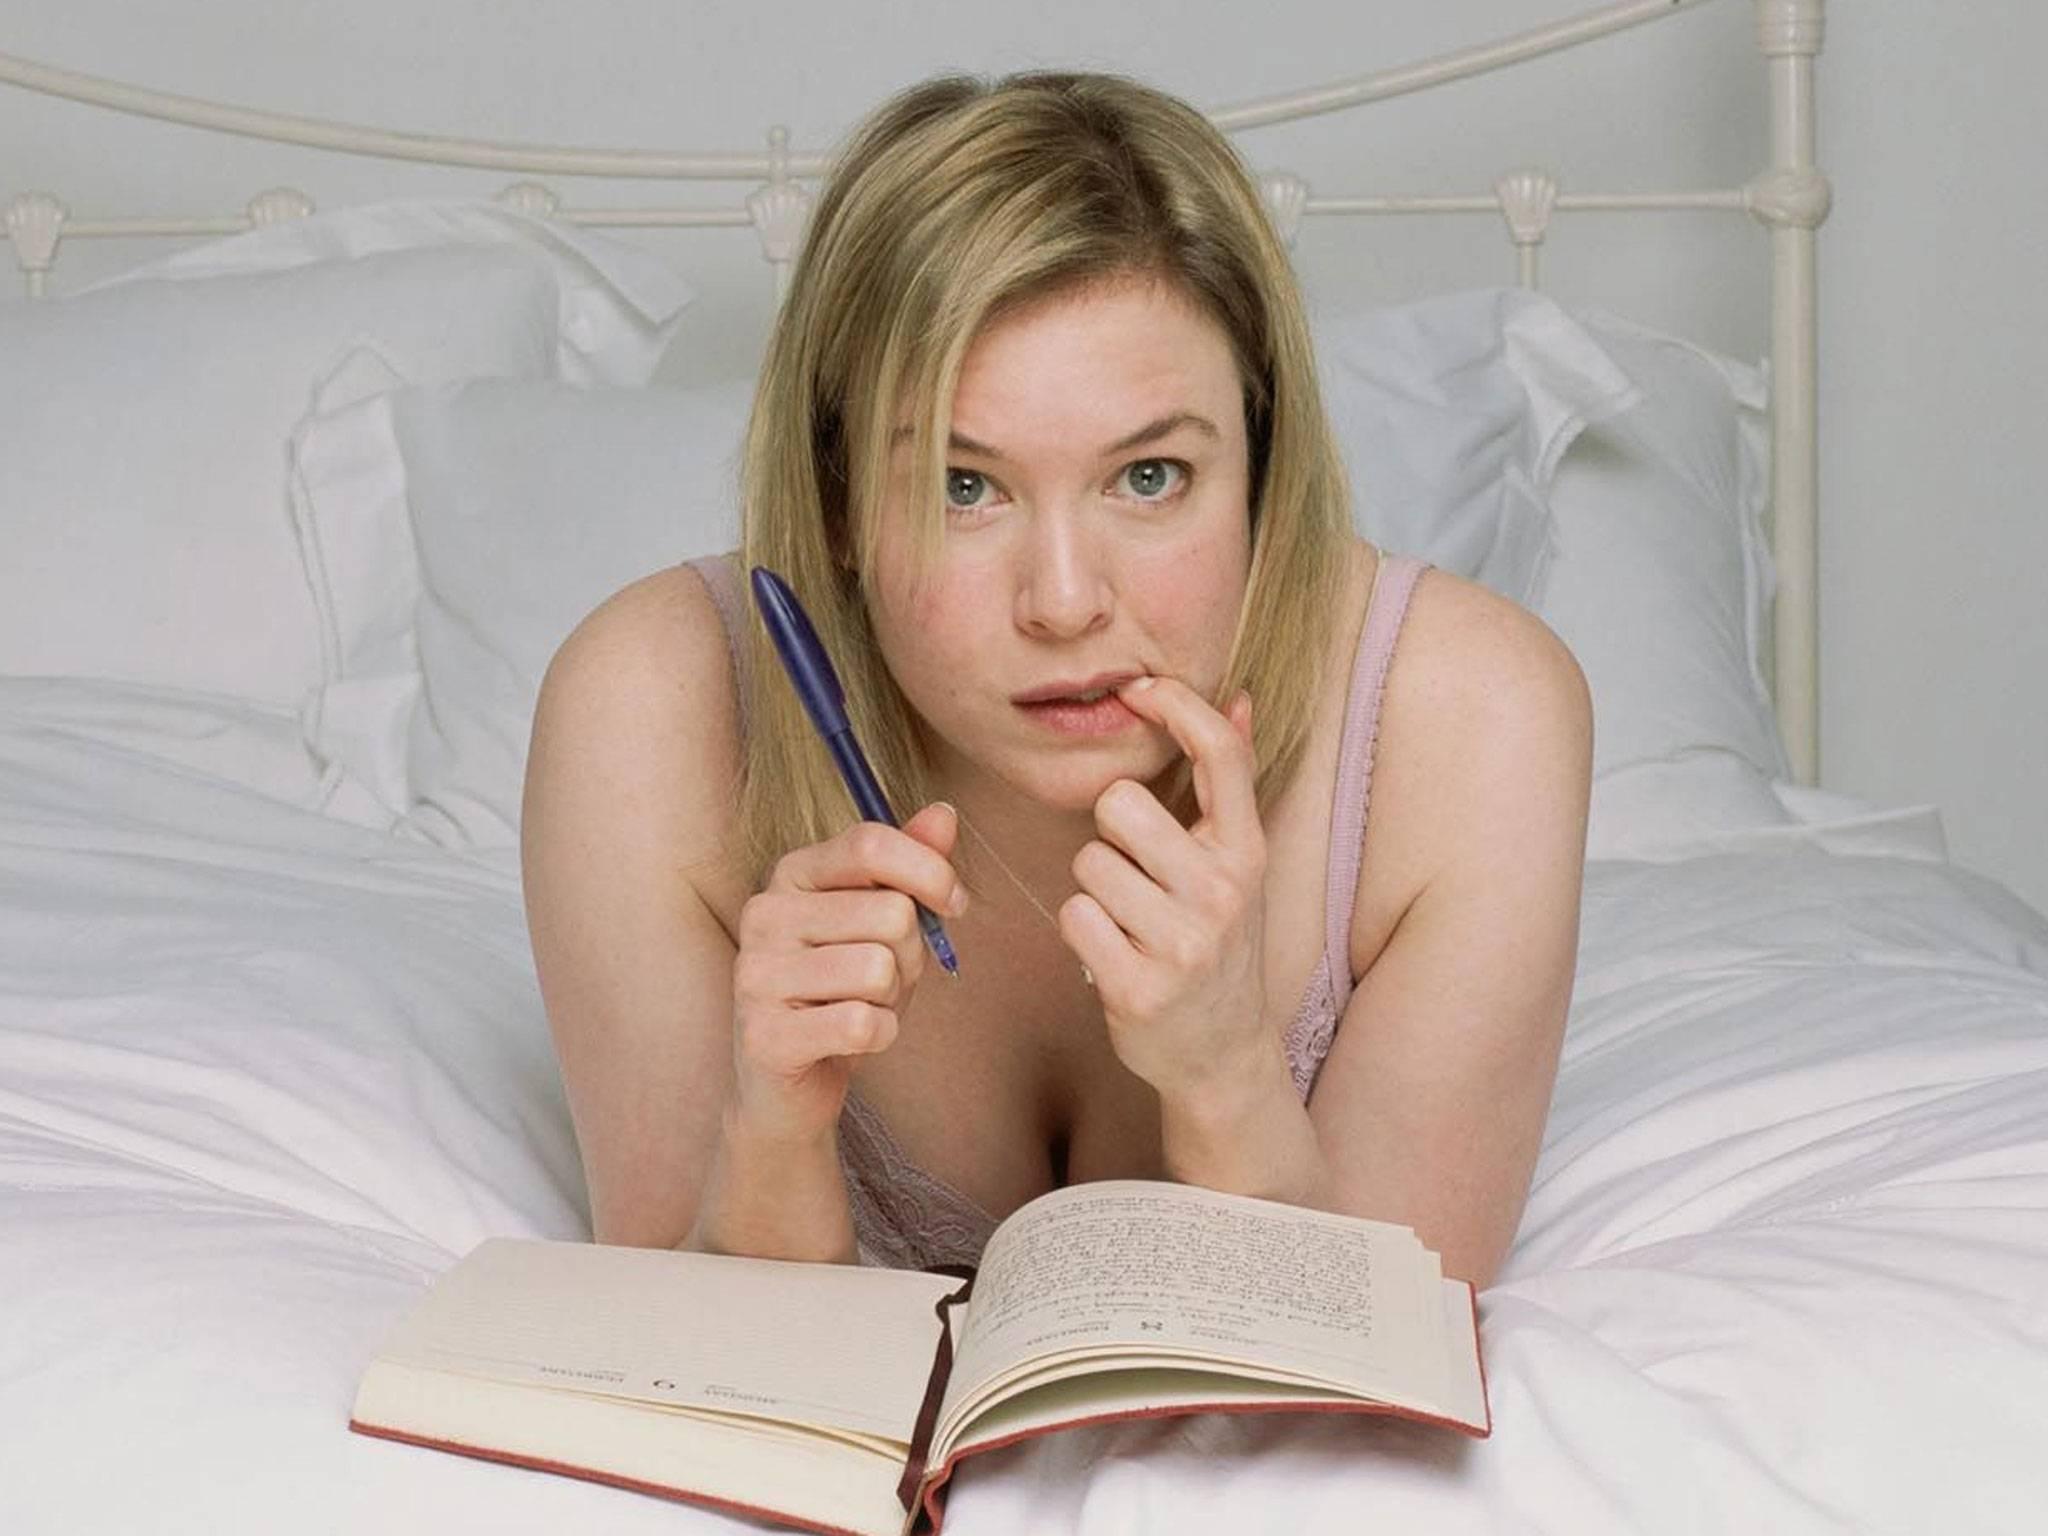 Diario di una trentenne single: un'analisi critica su Bridget Jones